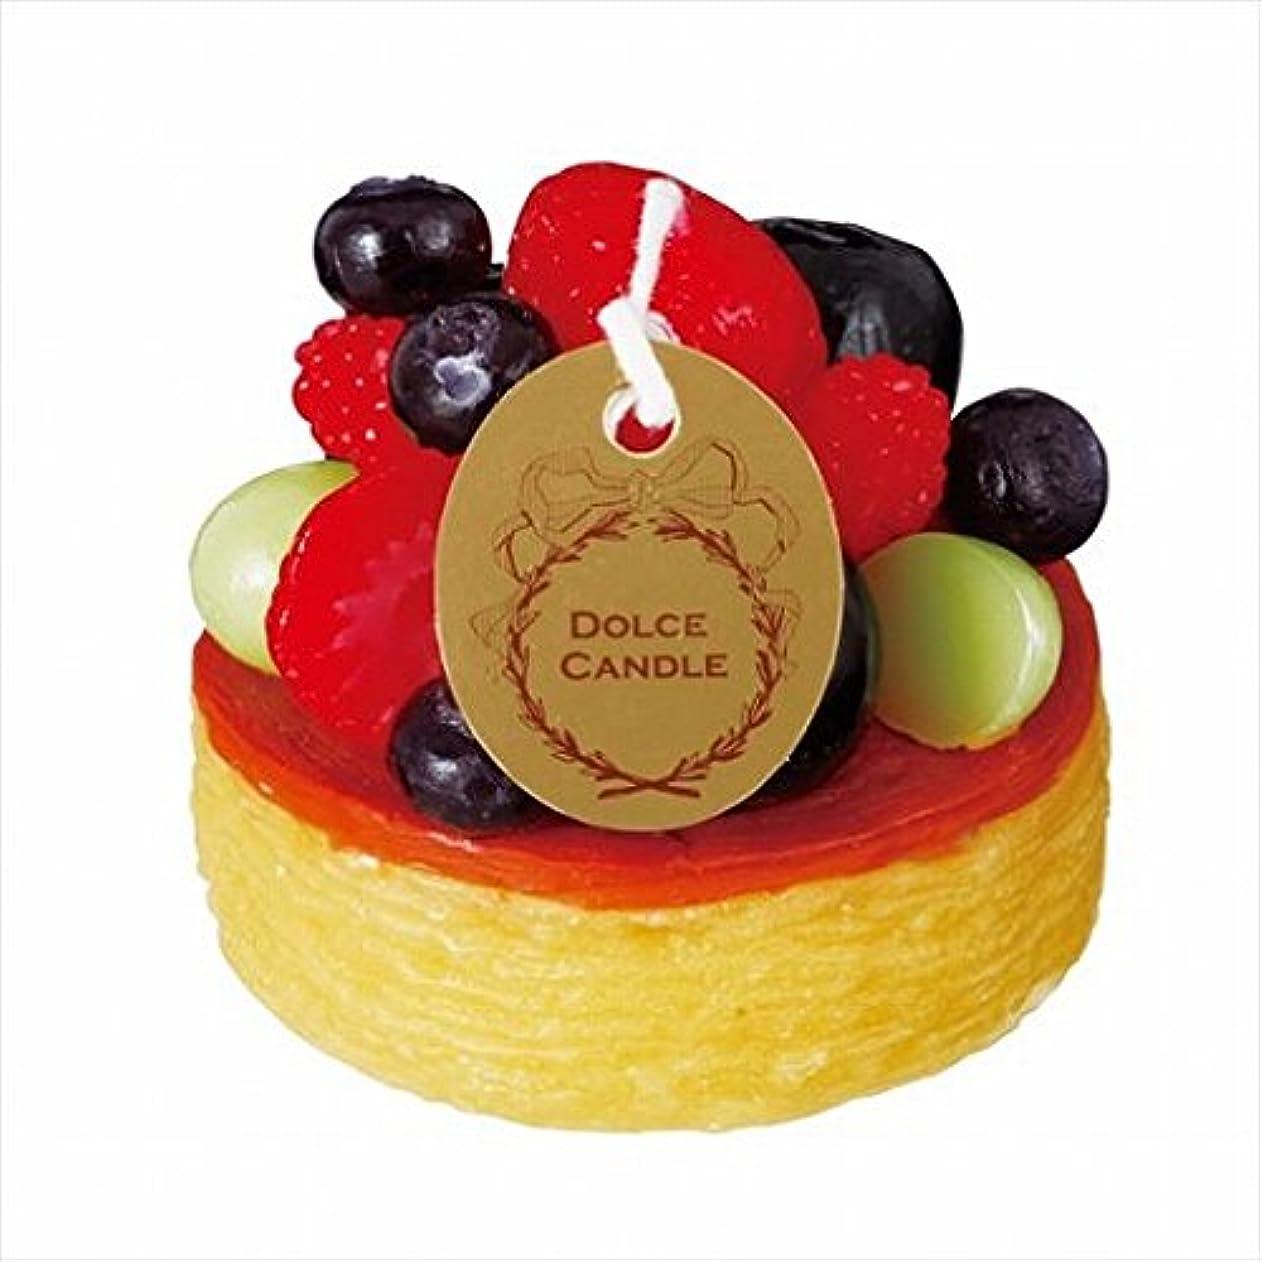 滑る動く年齢スイーツキャンドル( sweets candle ) ドルチェキャンドル 「 フルーツタルト 」